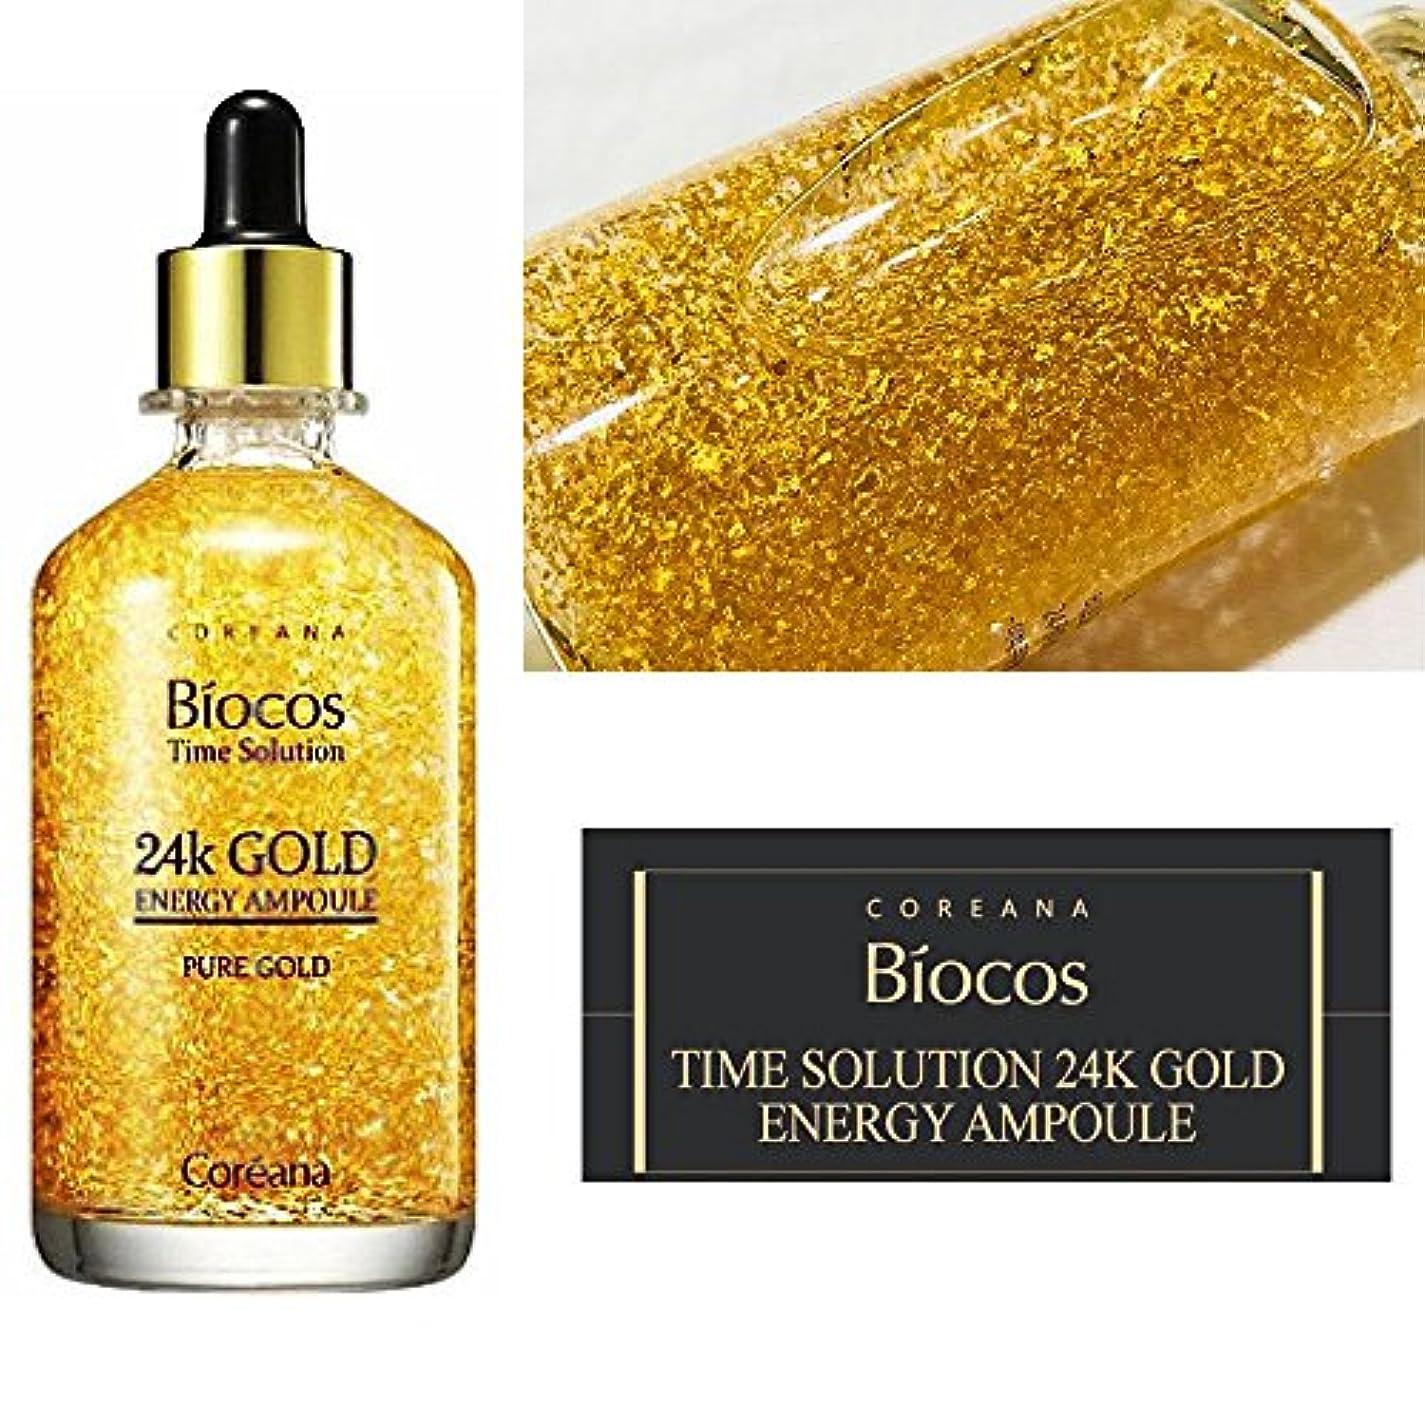 ピンチ試用寝具[COREANA] Biocos Time Solution 24kゴールドエナジーアンプル100ml/[COREANA] Biocos Time Solution 24K Gold Energy Ampoule - 100ml